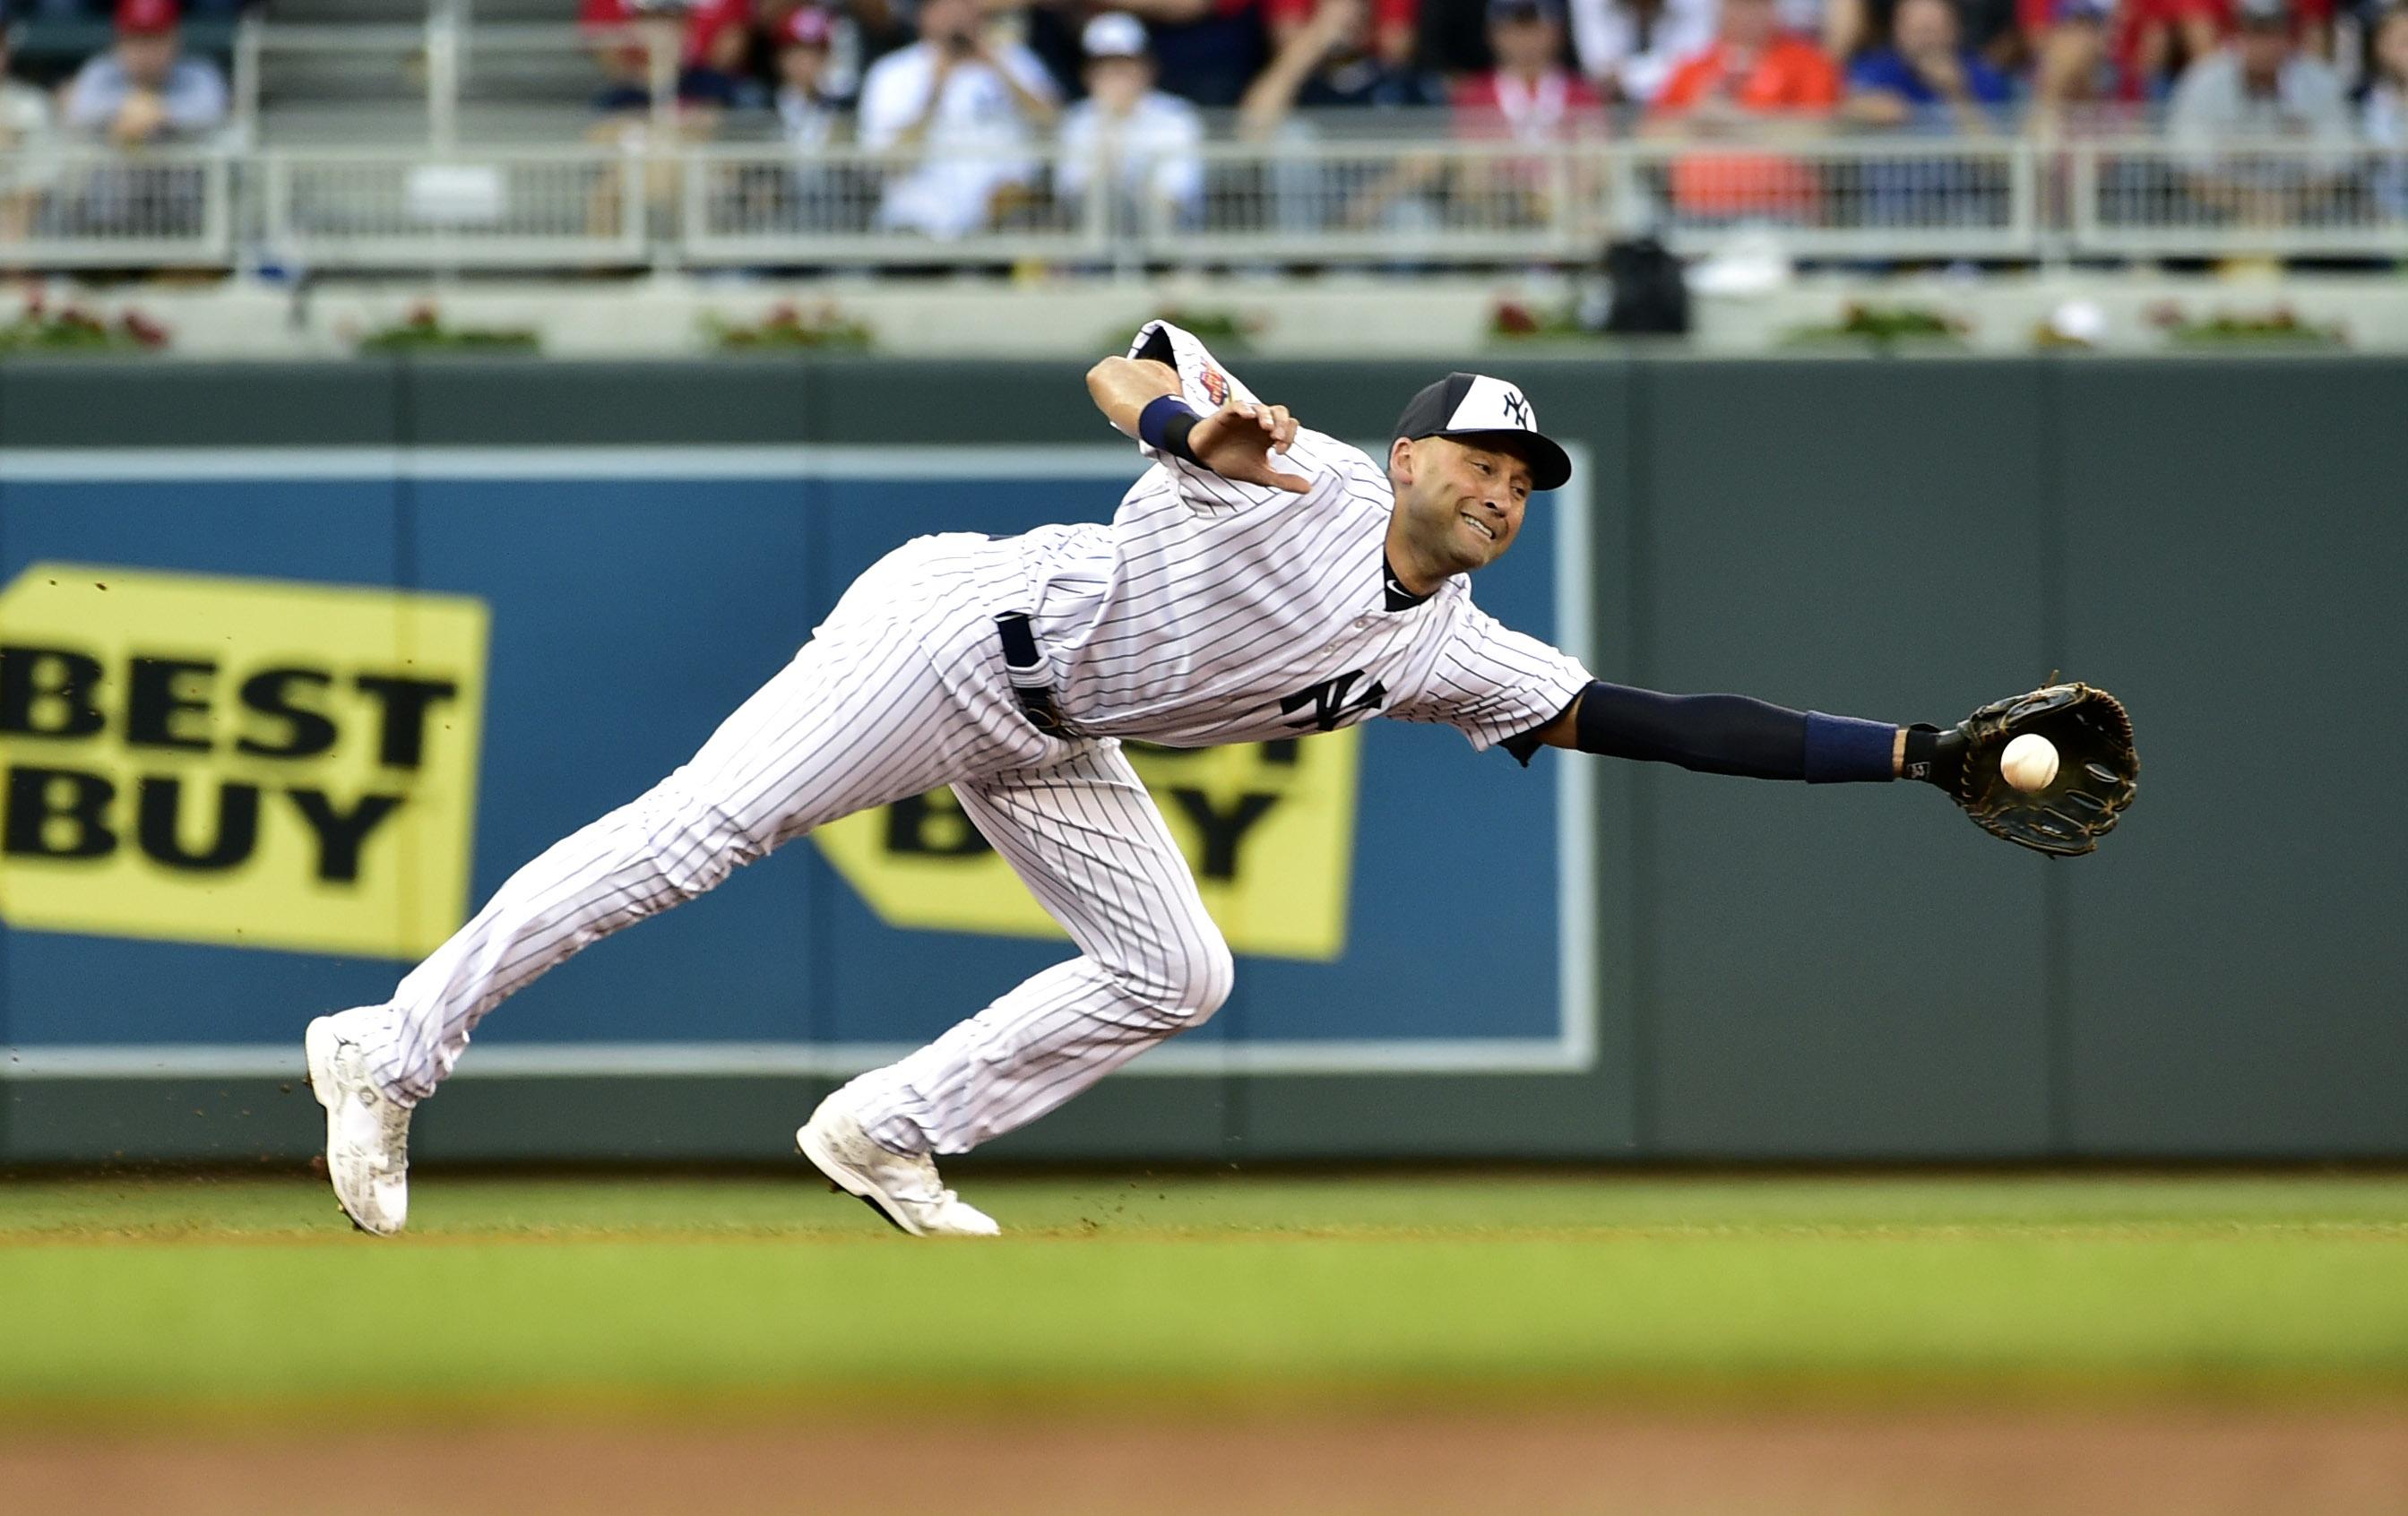 Wallpaper Sports Tennis Player Baseball Positions Ball Game Team Sport Field Derek Jeter New York Yankees Pitcher Mlb